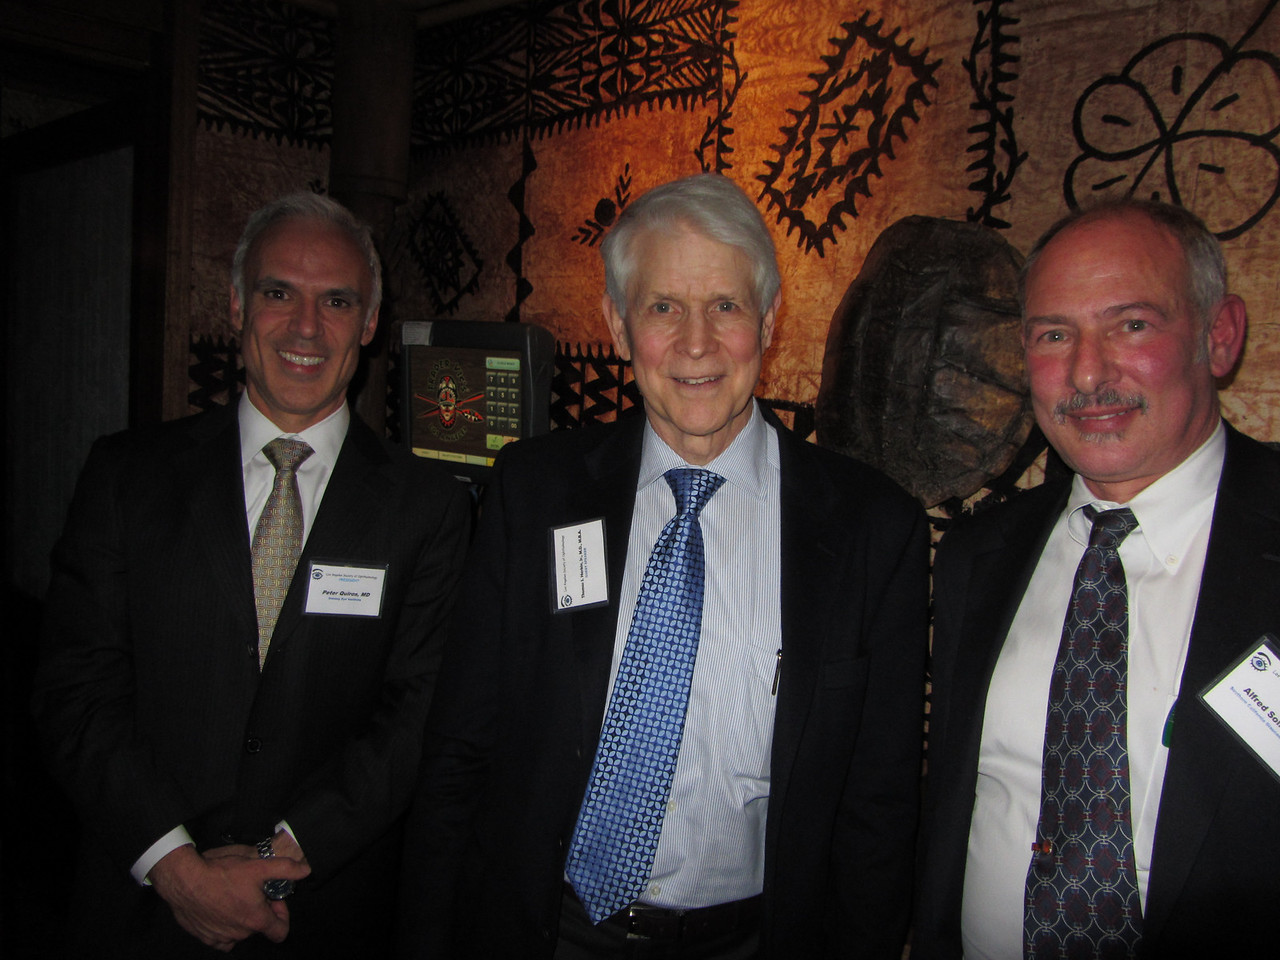 01 Peter Quiros, Speaker Tom Harbin, Al Solish